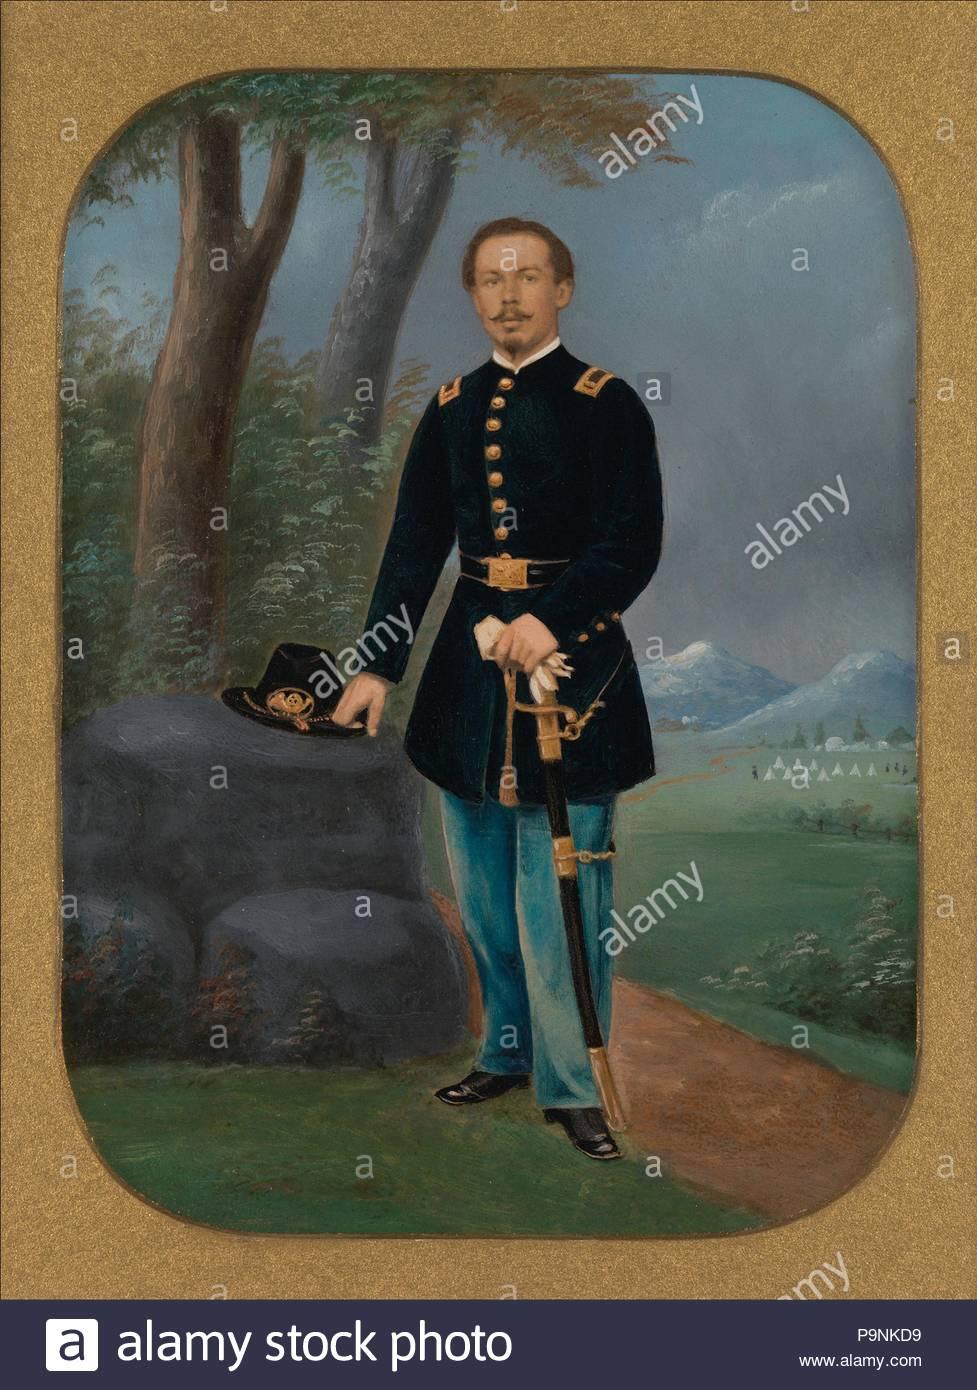 [Union Army Officer], 1861-65, Eiweiß silber Drucken aus Glas negativ mit der angewandten Farbe, Bild: 19,4 x 14,3 cm (7 5/8 x 5 5/8 in.), Fotografien, Unbekannt (Amerikanischen). Stockbild